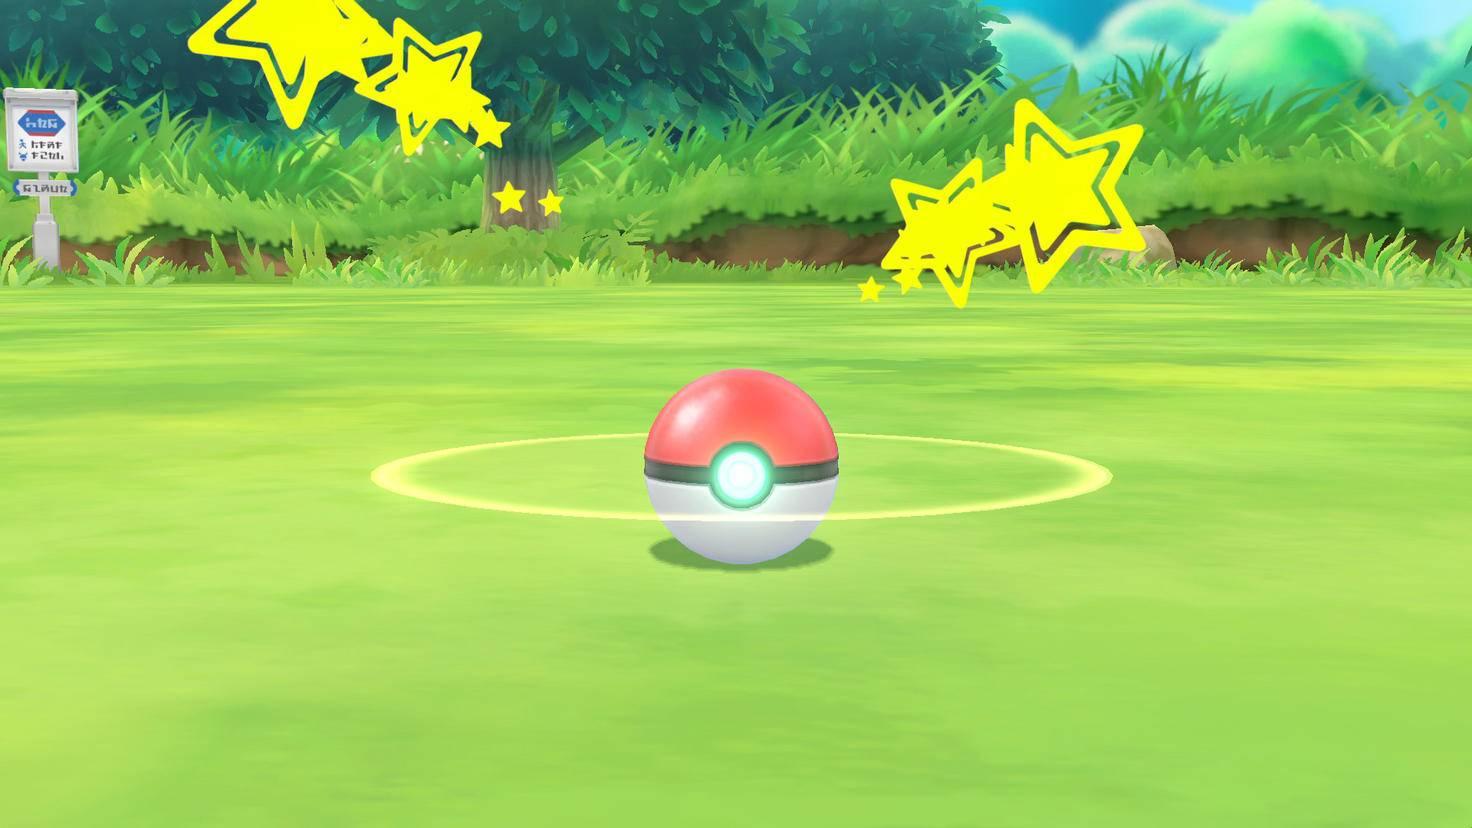 """""""Schnapp sie Dir alle!"""" ist auch bei """"Pokémon Let's Go"""" wieder die klassische Losung der Monster-Serie."""